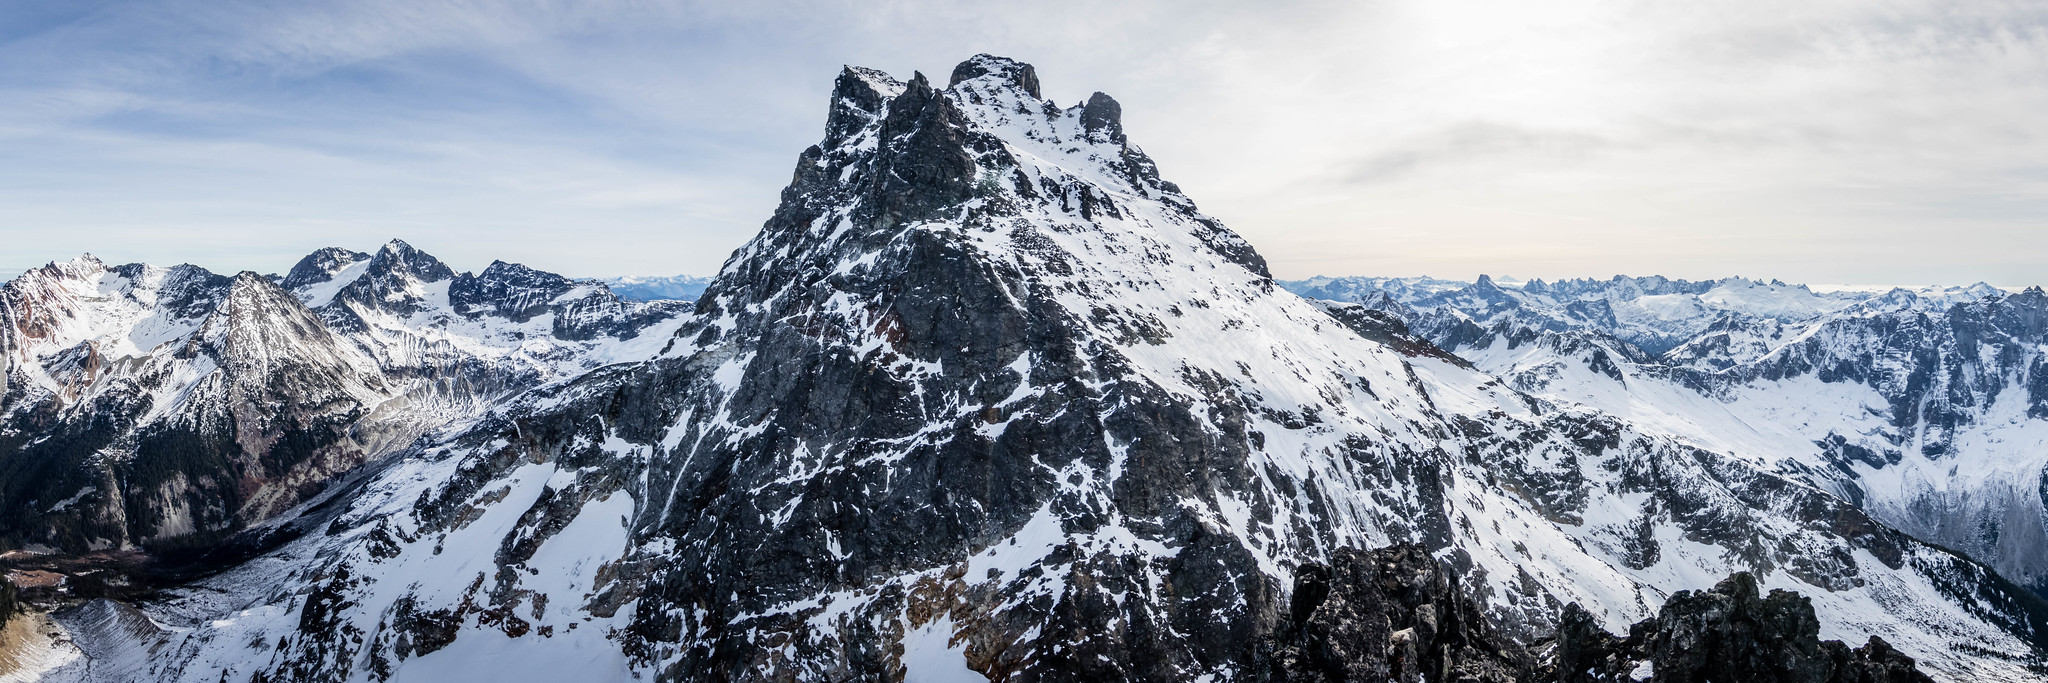 Chilliwack group panoramic view